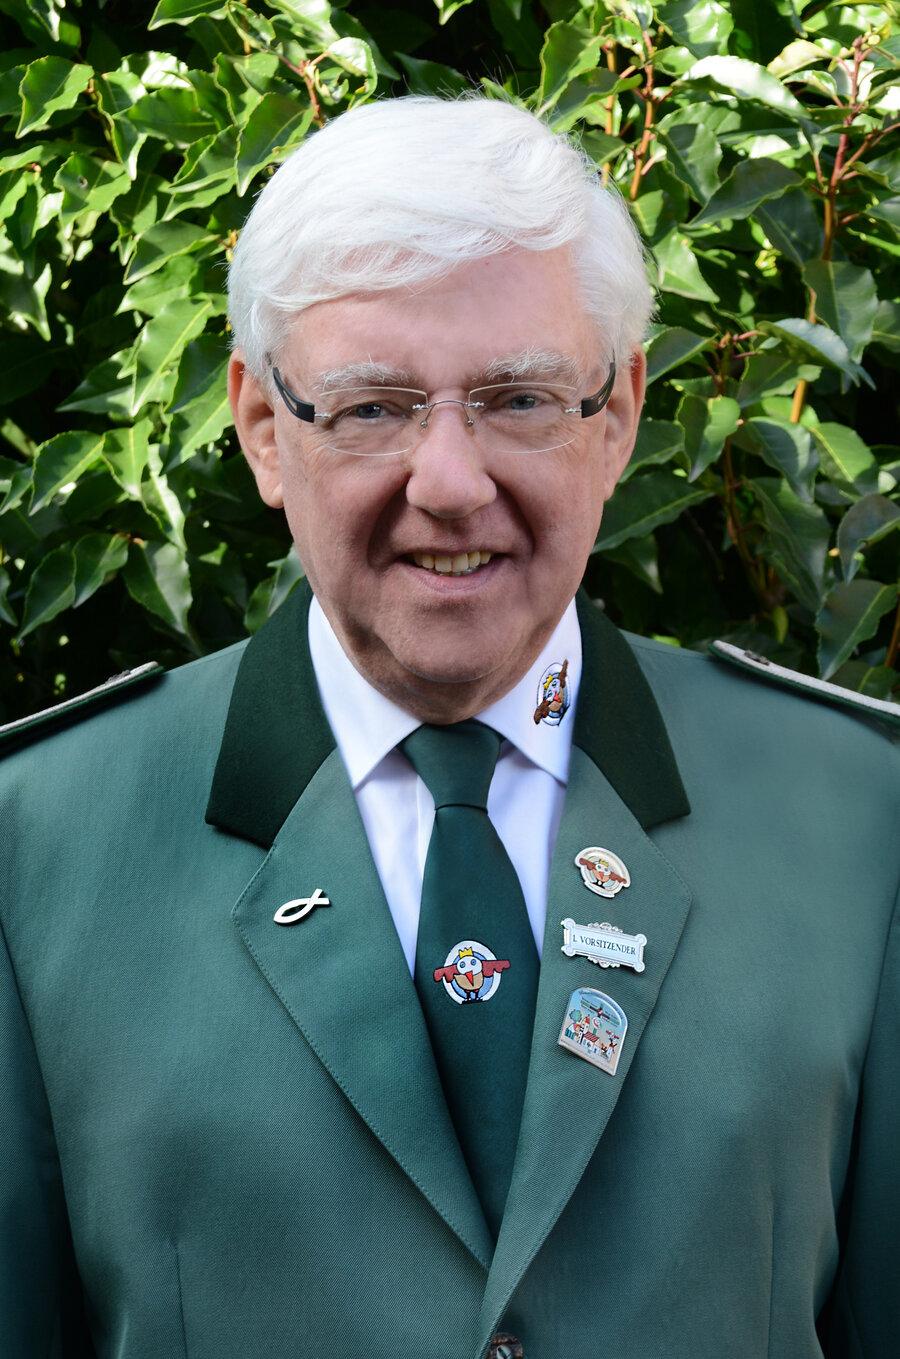 1. Vorsitzender Heinrich Lindenbaum (Quelle: Vereinigte Schützenbruderschaft Laer von 2010 e.V.)